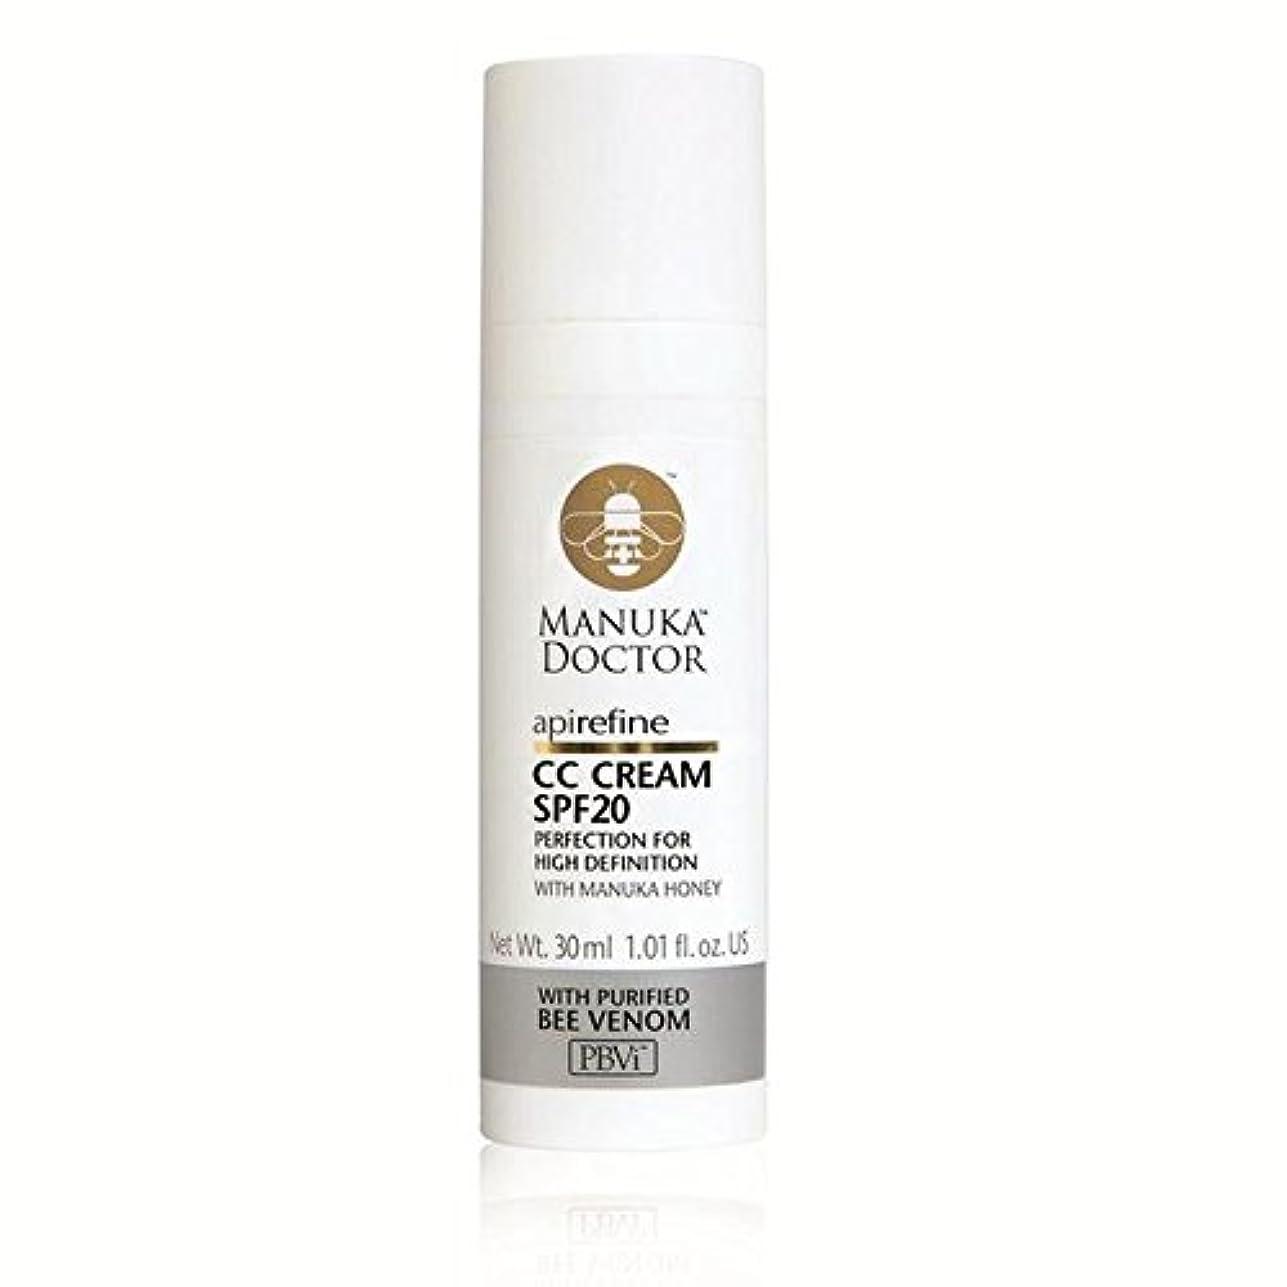 分類する会計僕のManuka Doctor Api Refine CC Cream with SPF20 30ml - 20 30ミリリットルとマヌカドクターリファインクリーム [並行輸入品]